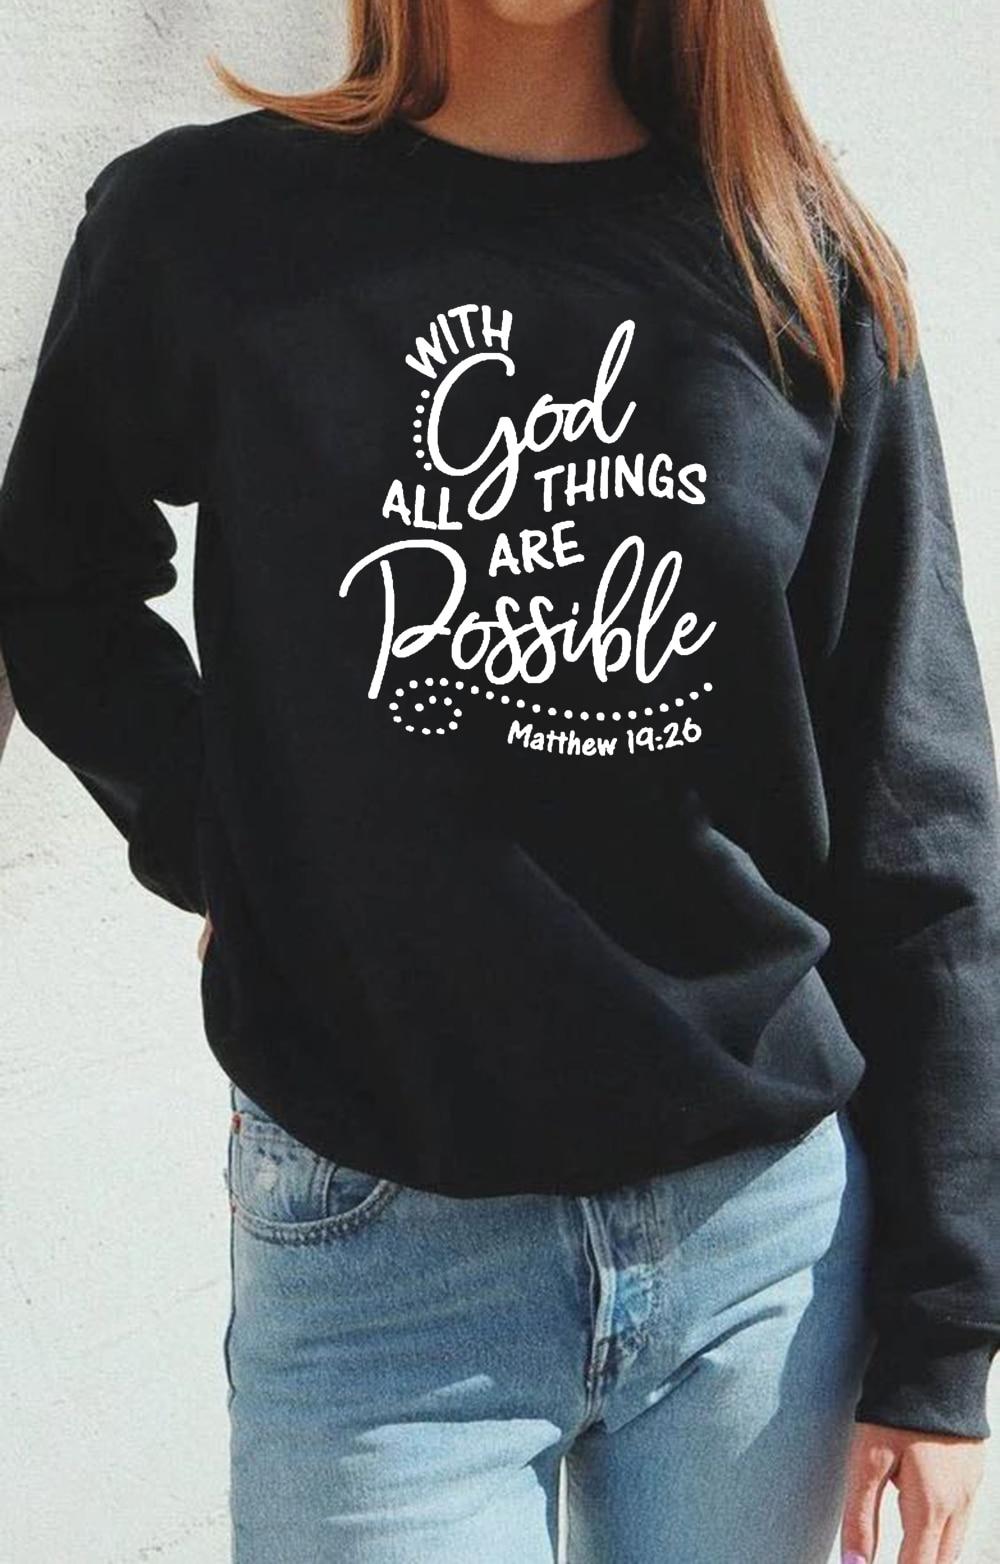 С Богом все вещи возможны принт черный Свитшот зимний женский эстетический уличная христианская вера религия Ropa Mujer